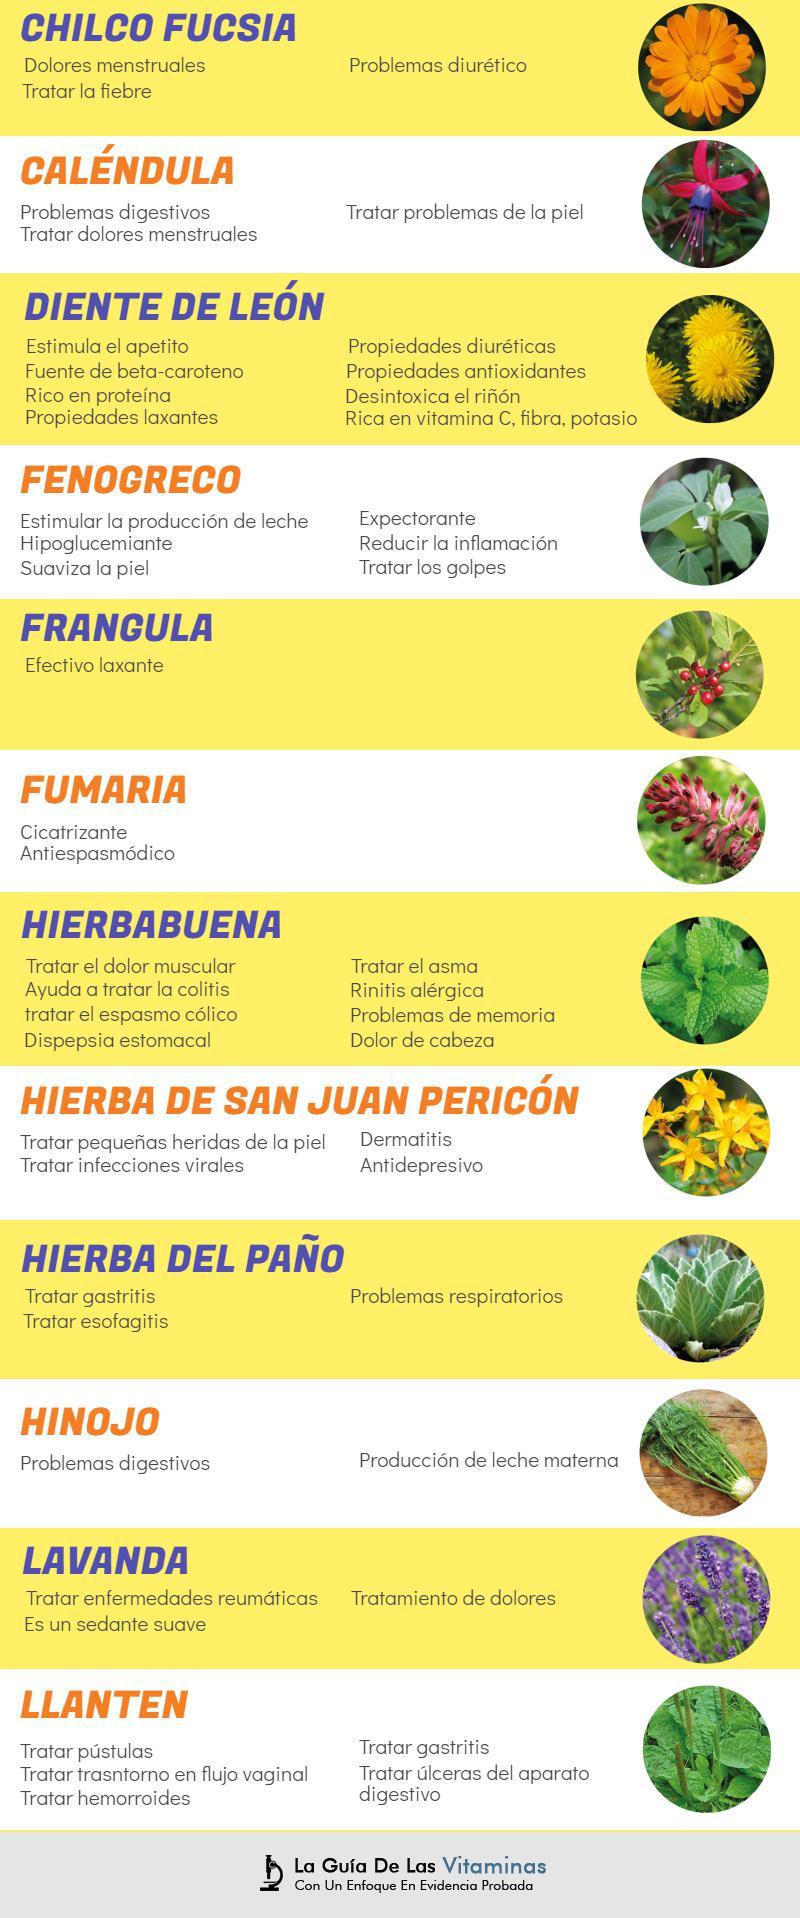 44 plantas medicinales para qu sirven y como cultivarlas for Tipos de hierbas medicinales